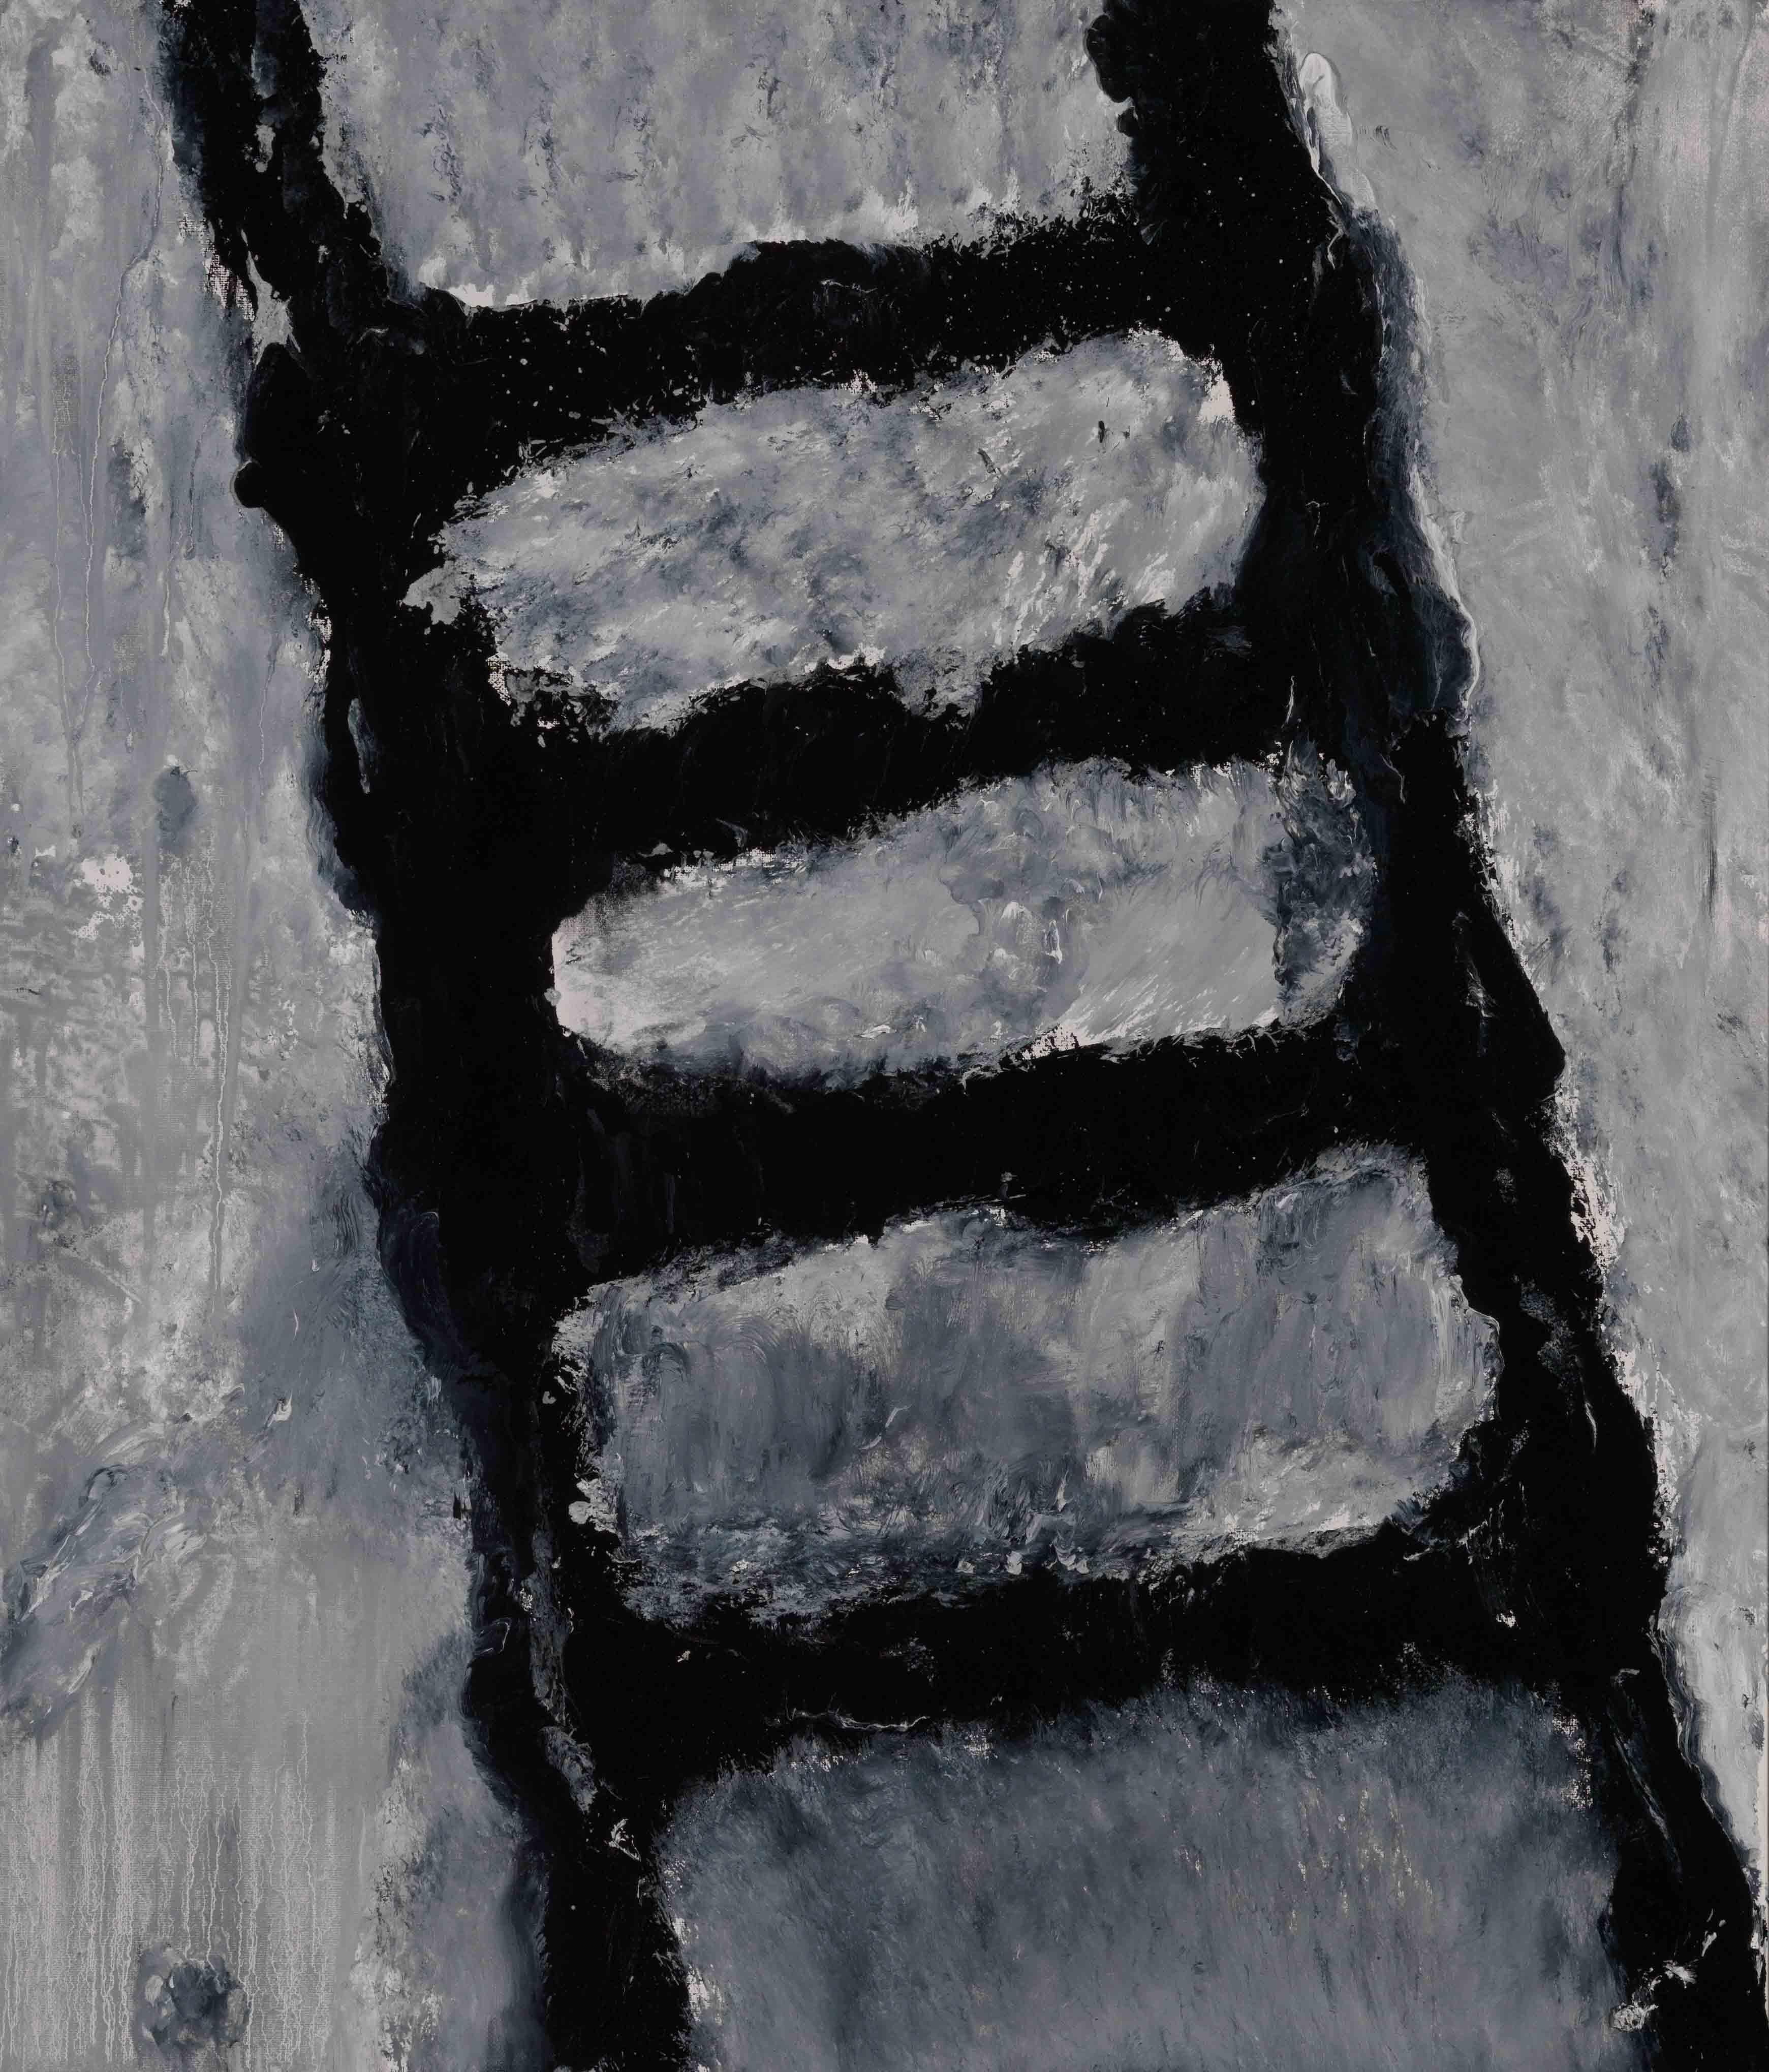 Die leiter - De Ladder